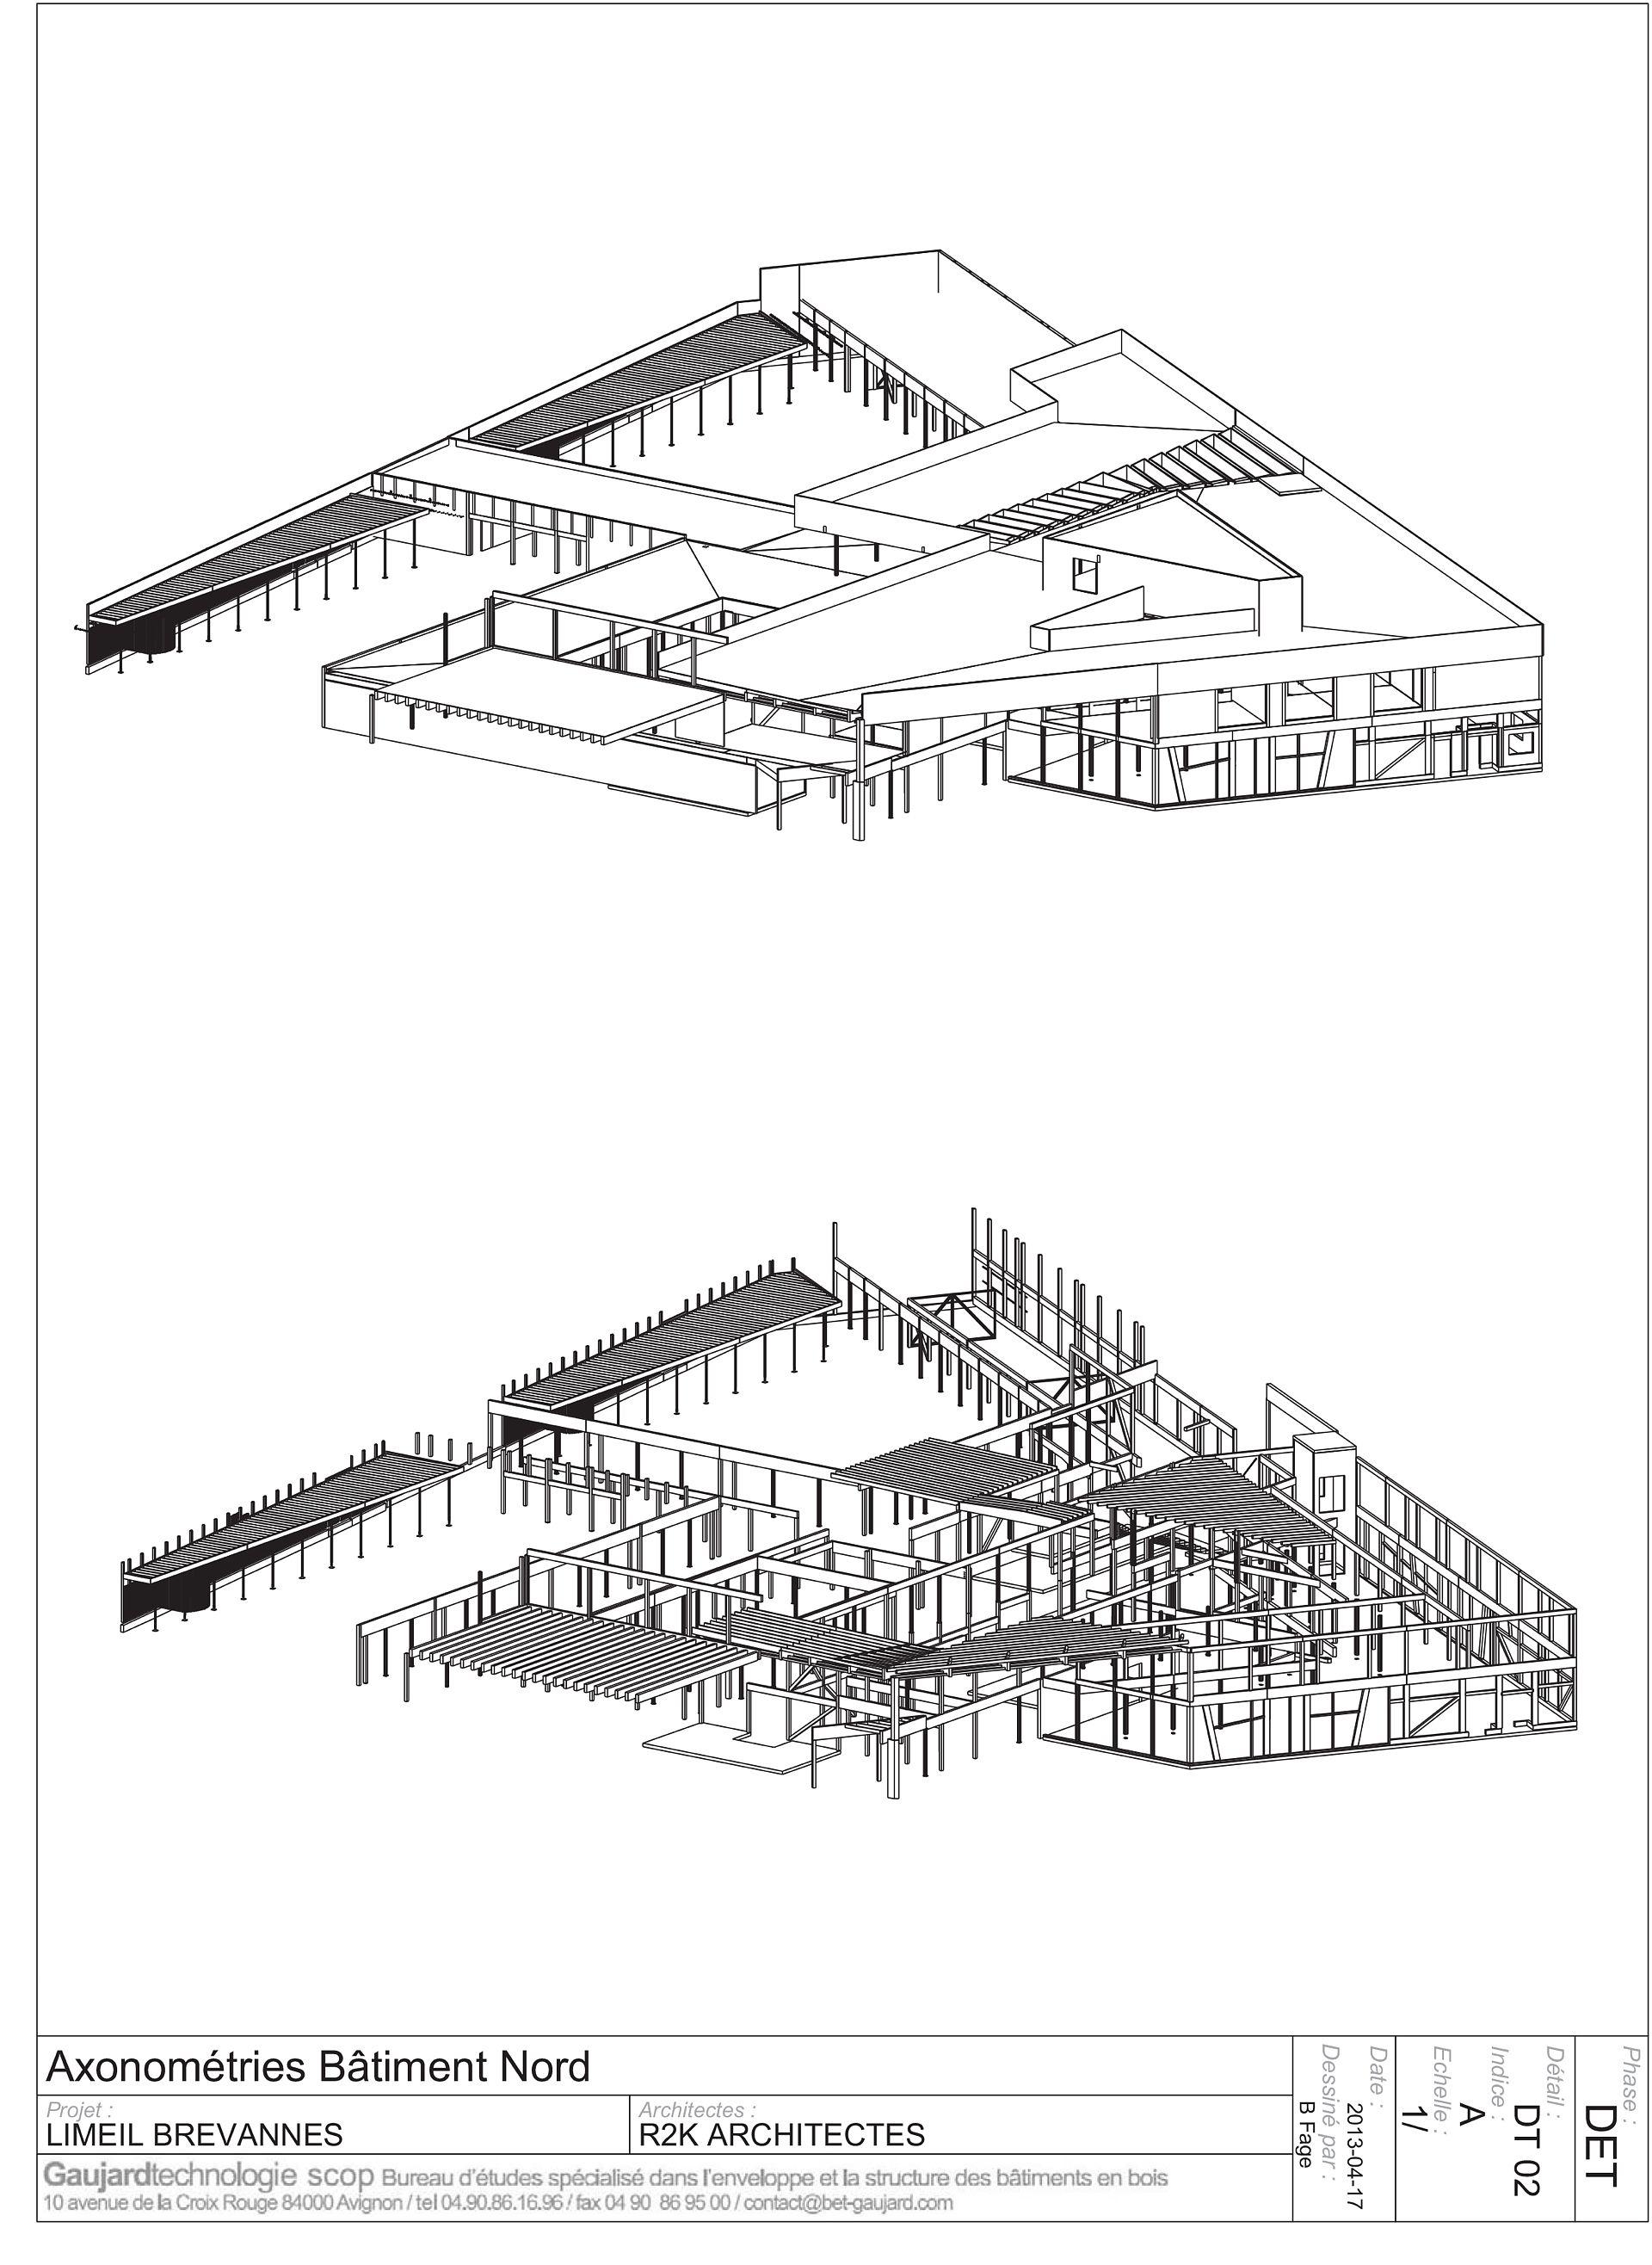 r2k architectes : groupe scolaire Pasteur à Limeil-Brévannes